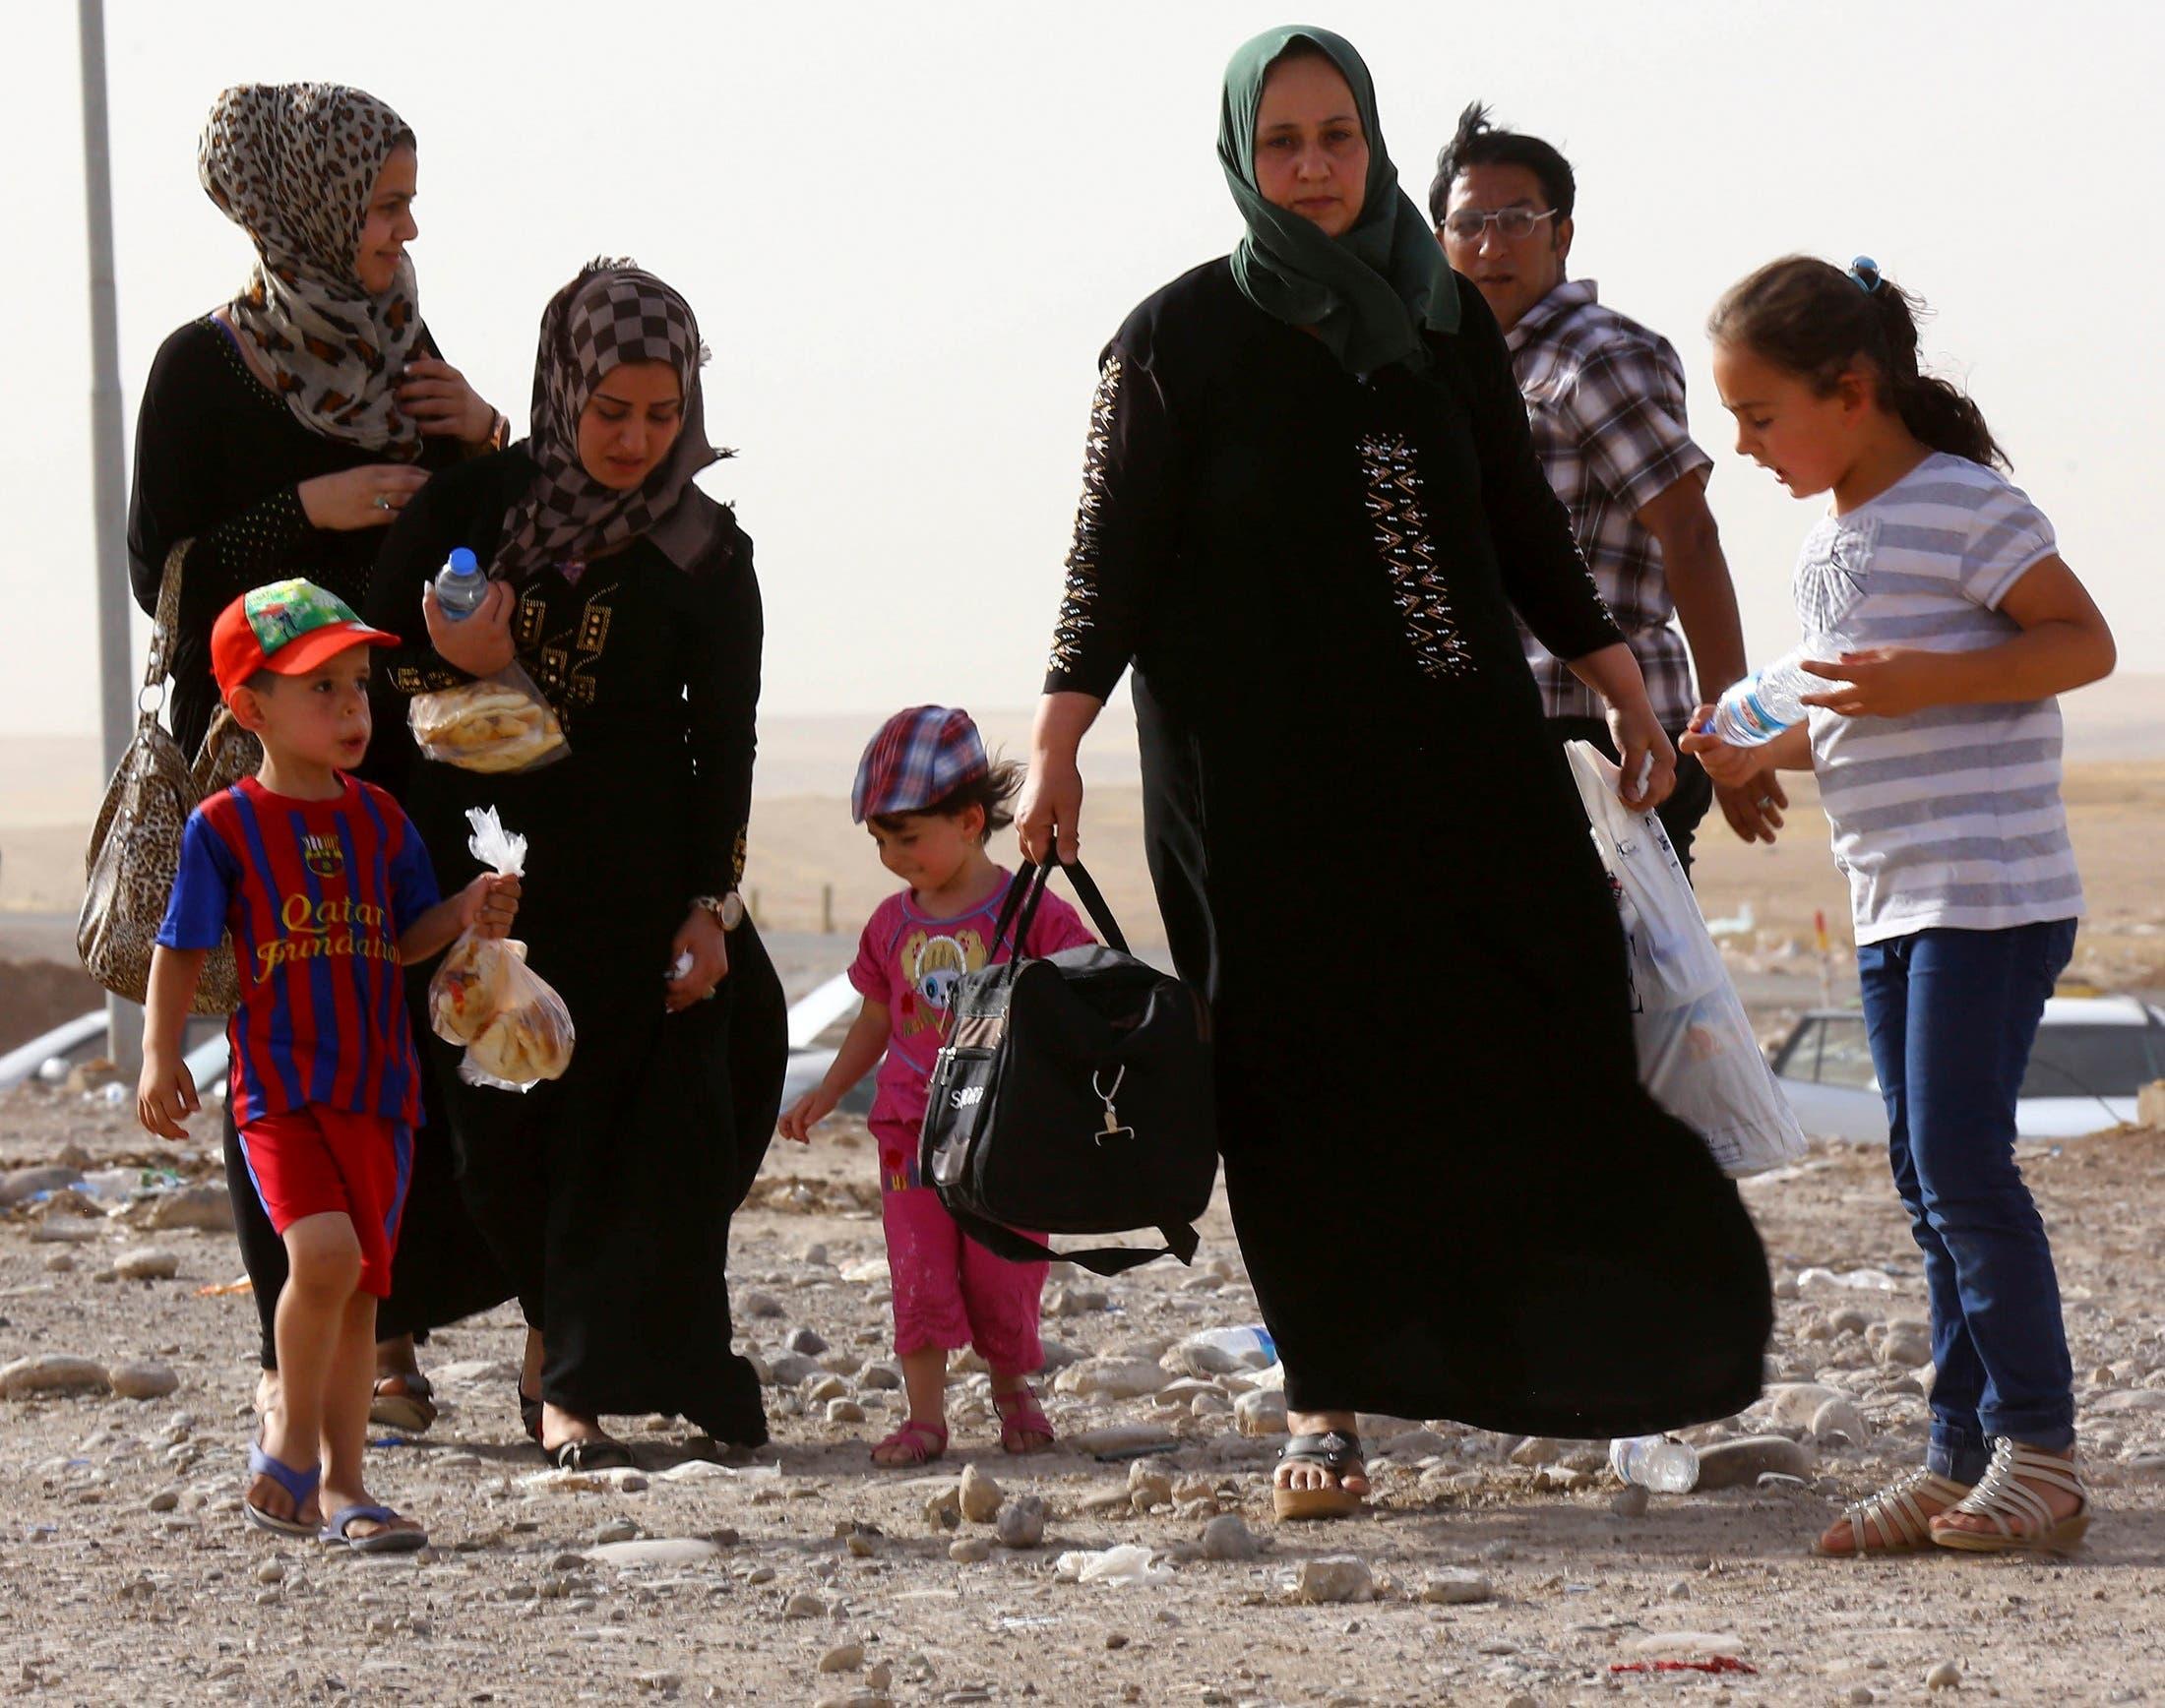 Фото иракских женщин 6 фотография